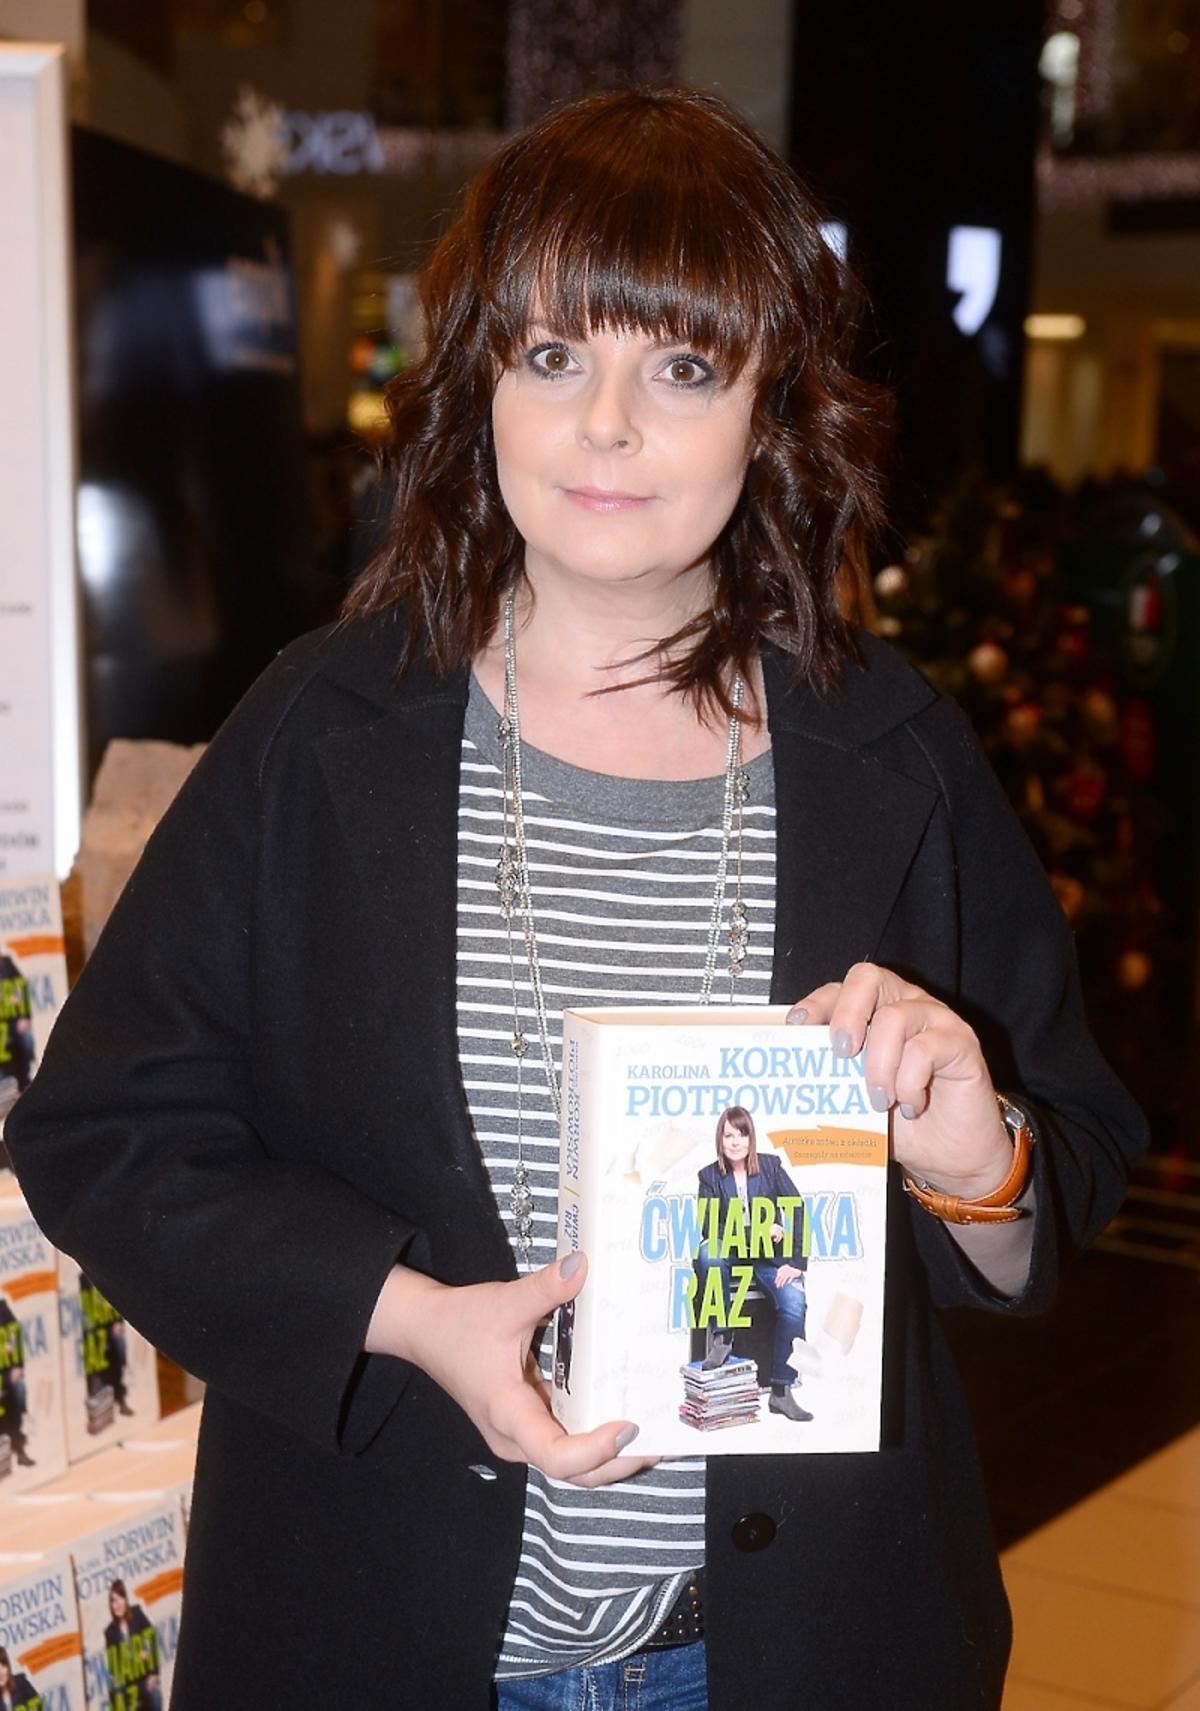 Karolina Korwin Piotrowska promuje książkę w Empiku w Akradii